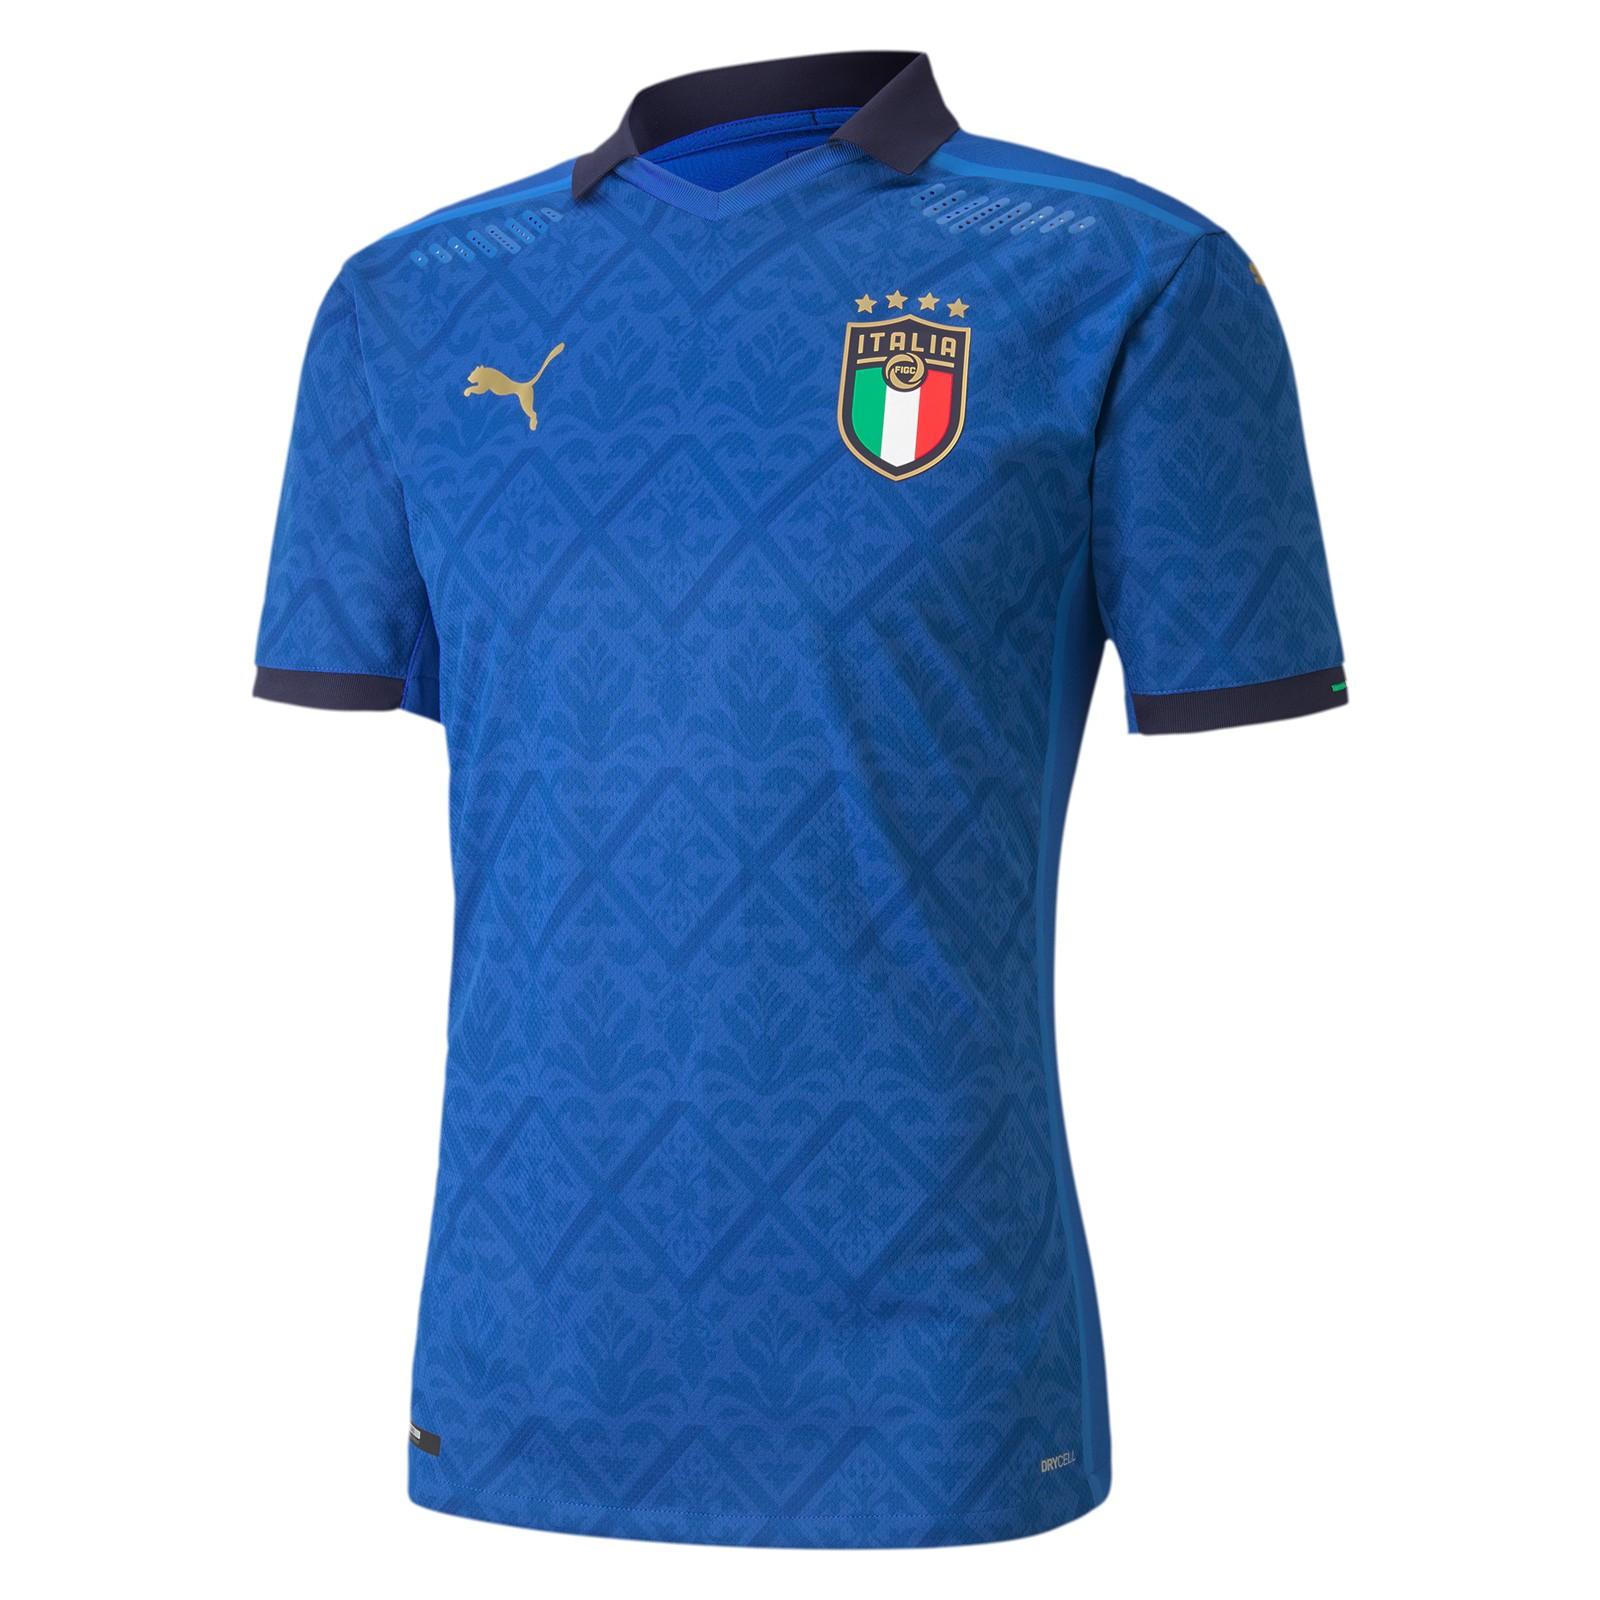 意大利国家队2020欧洲杯球员版主场球衣